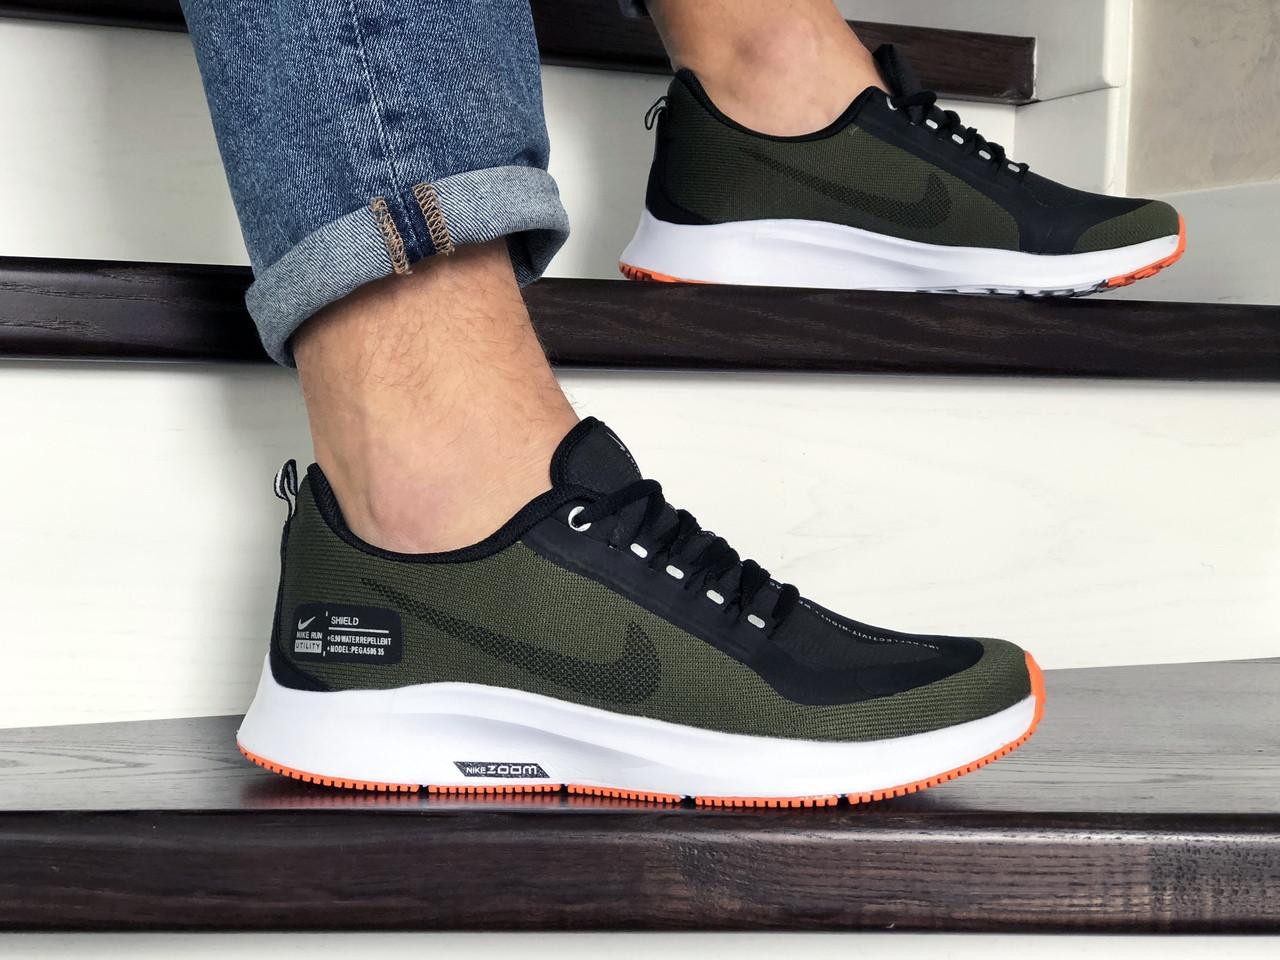 Чоловічі кросівки Nike Run Utility, зелені / кросівки чоловічі Найк (Топ репліка ААА+)